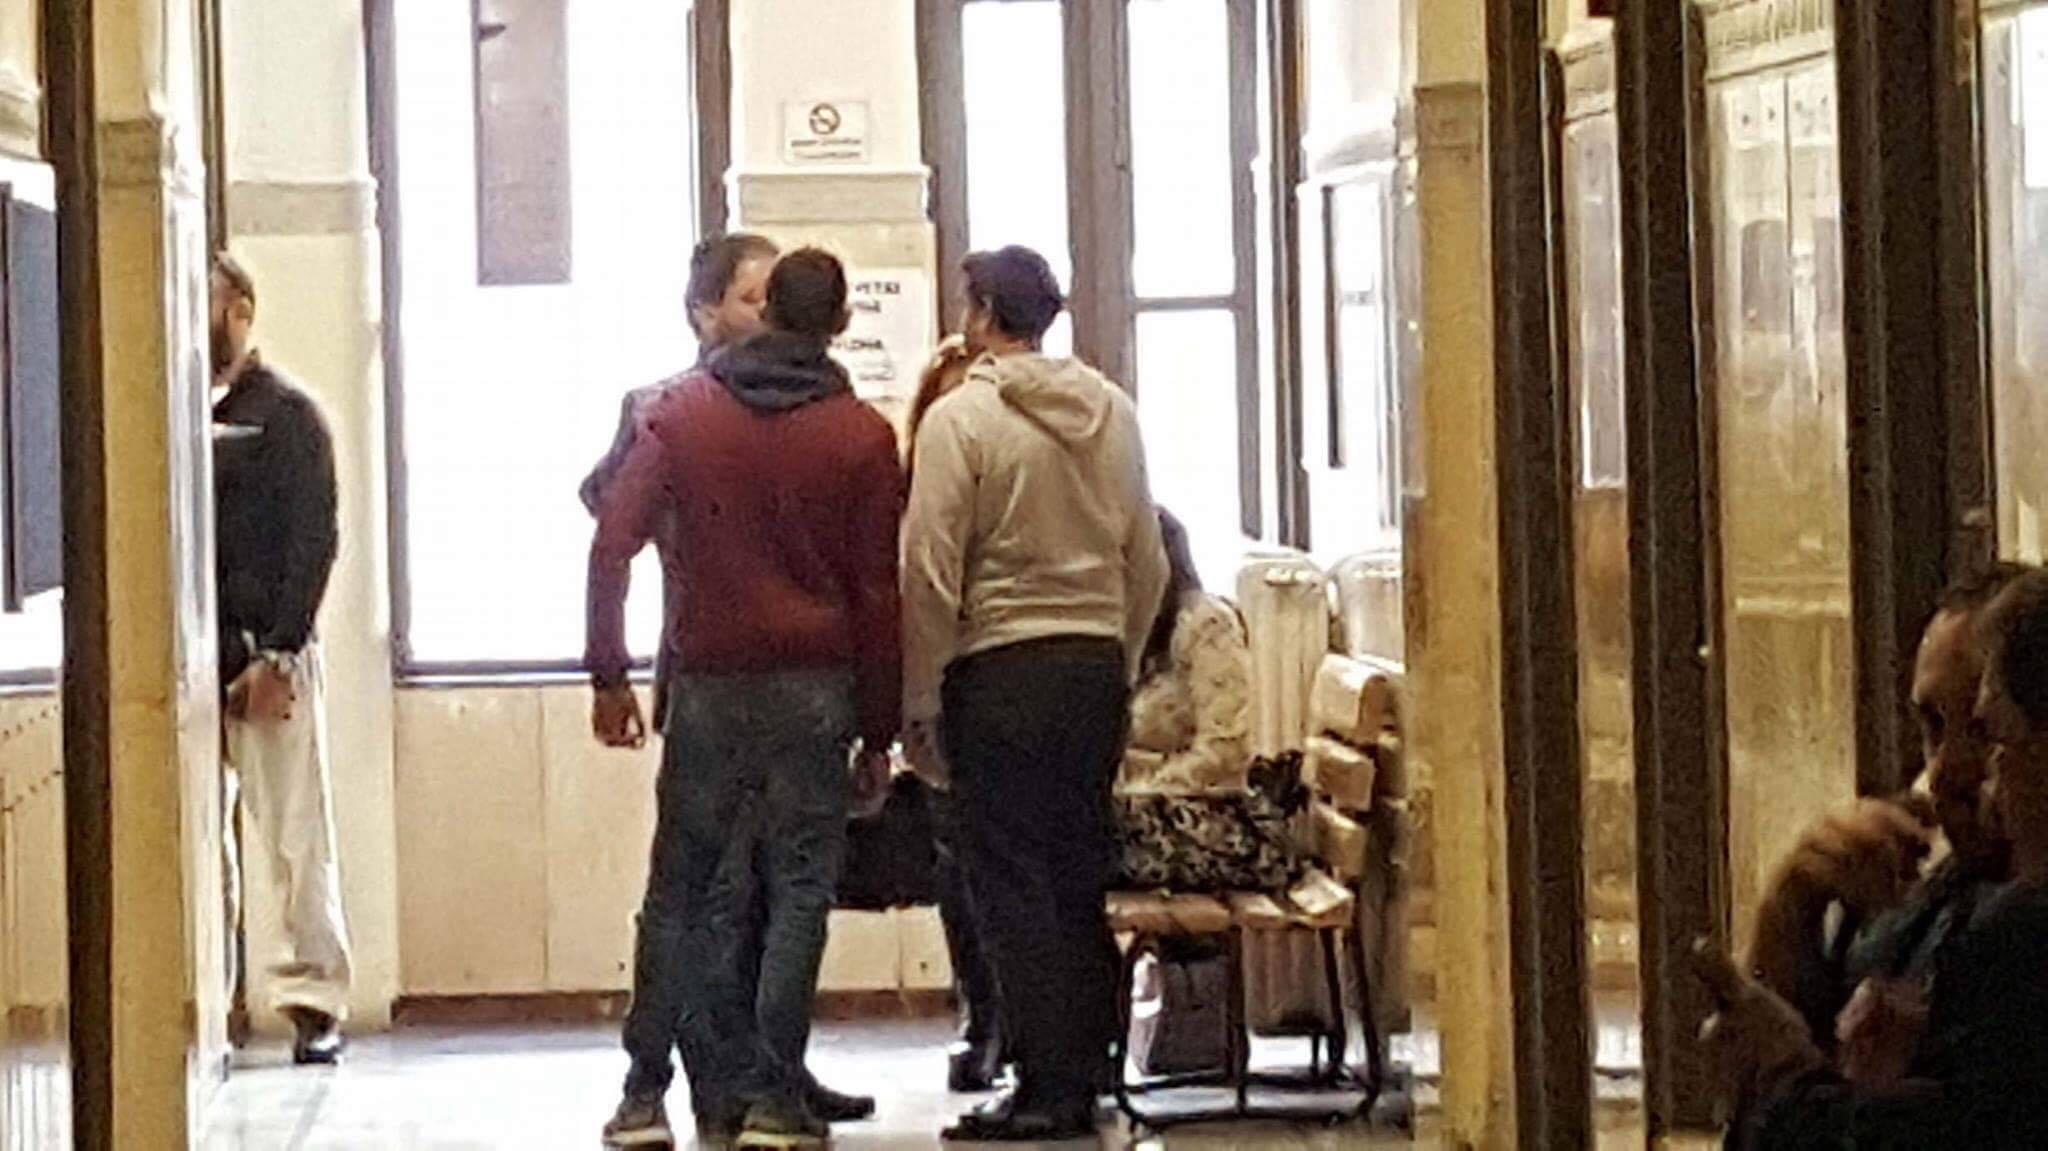 Πάτρα: Το Σάββατο απολογούνται οι συλληφθέντες για παιδική πορνεία στα Ψηλά Αλώνια